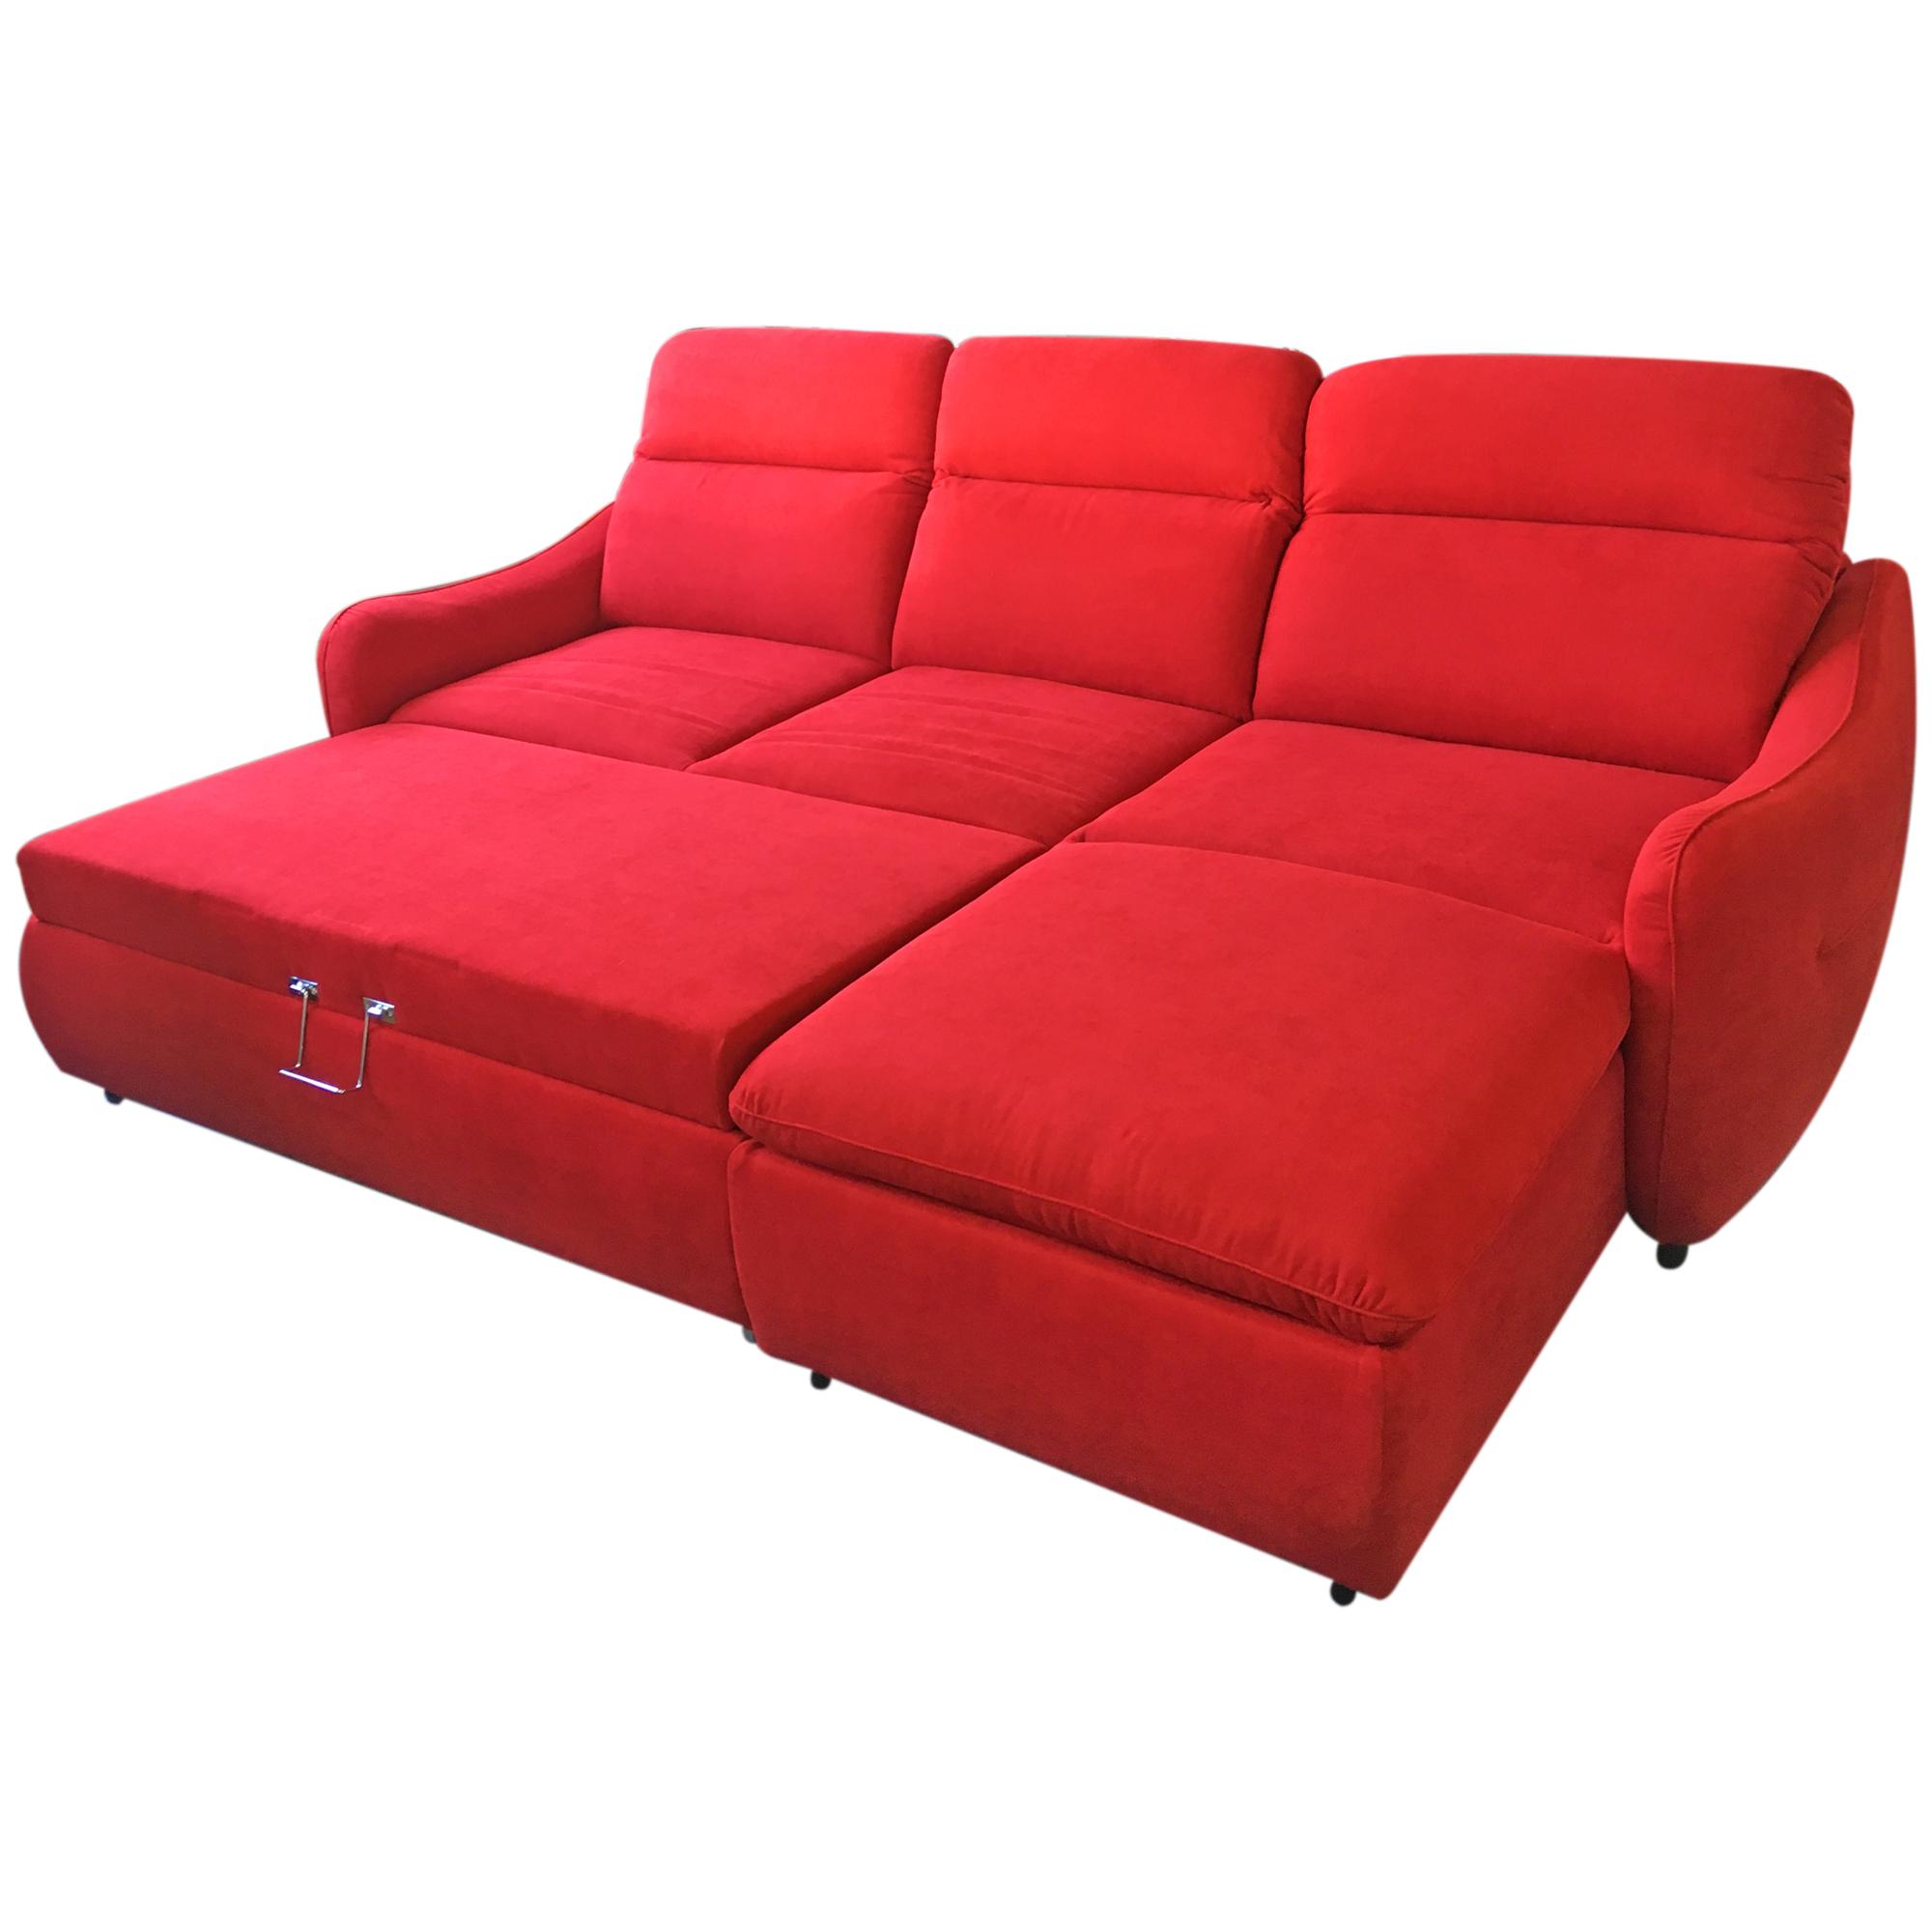 tereza-cervena-postel